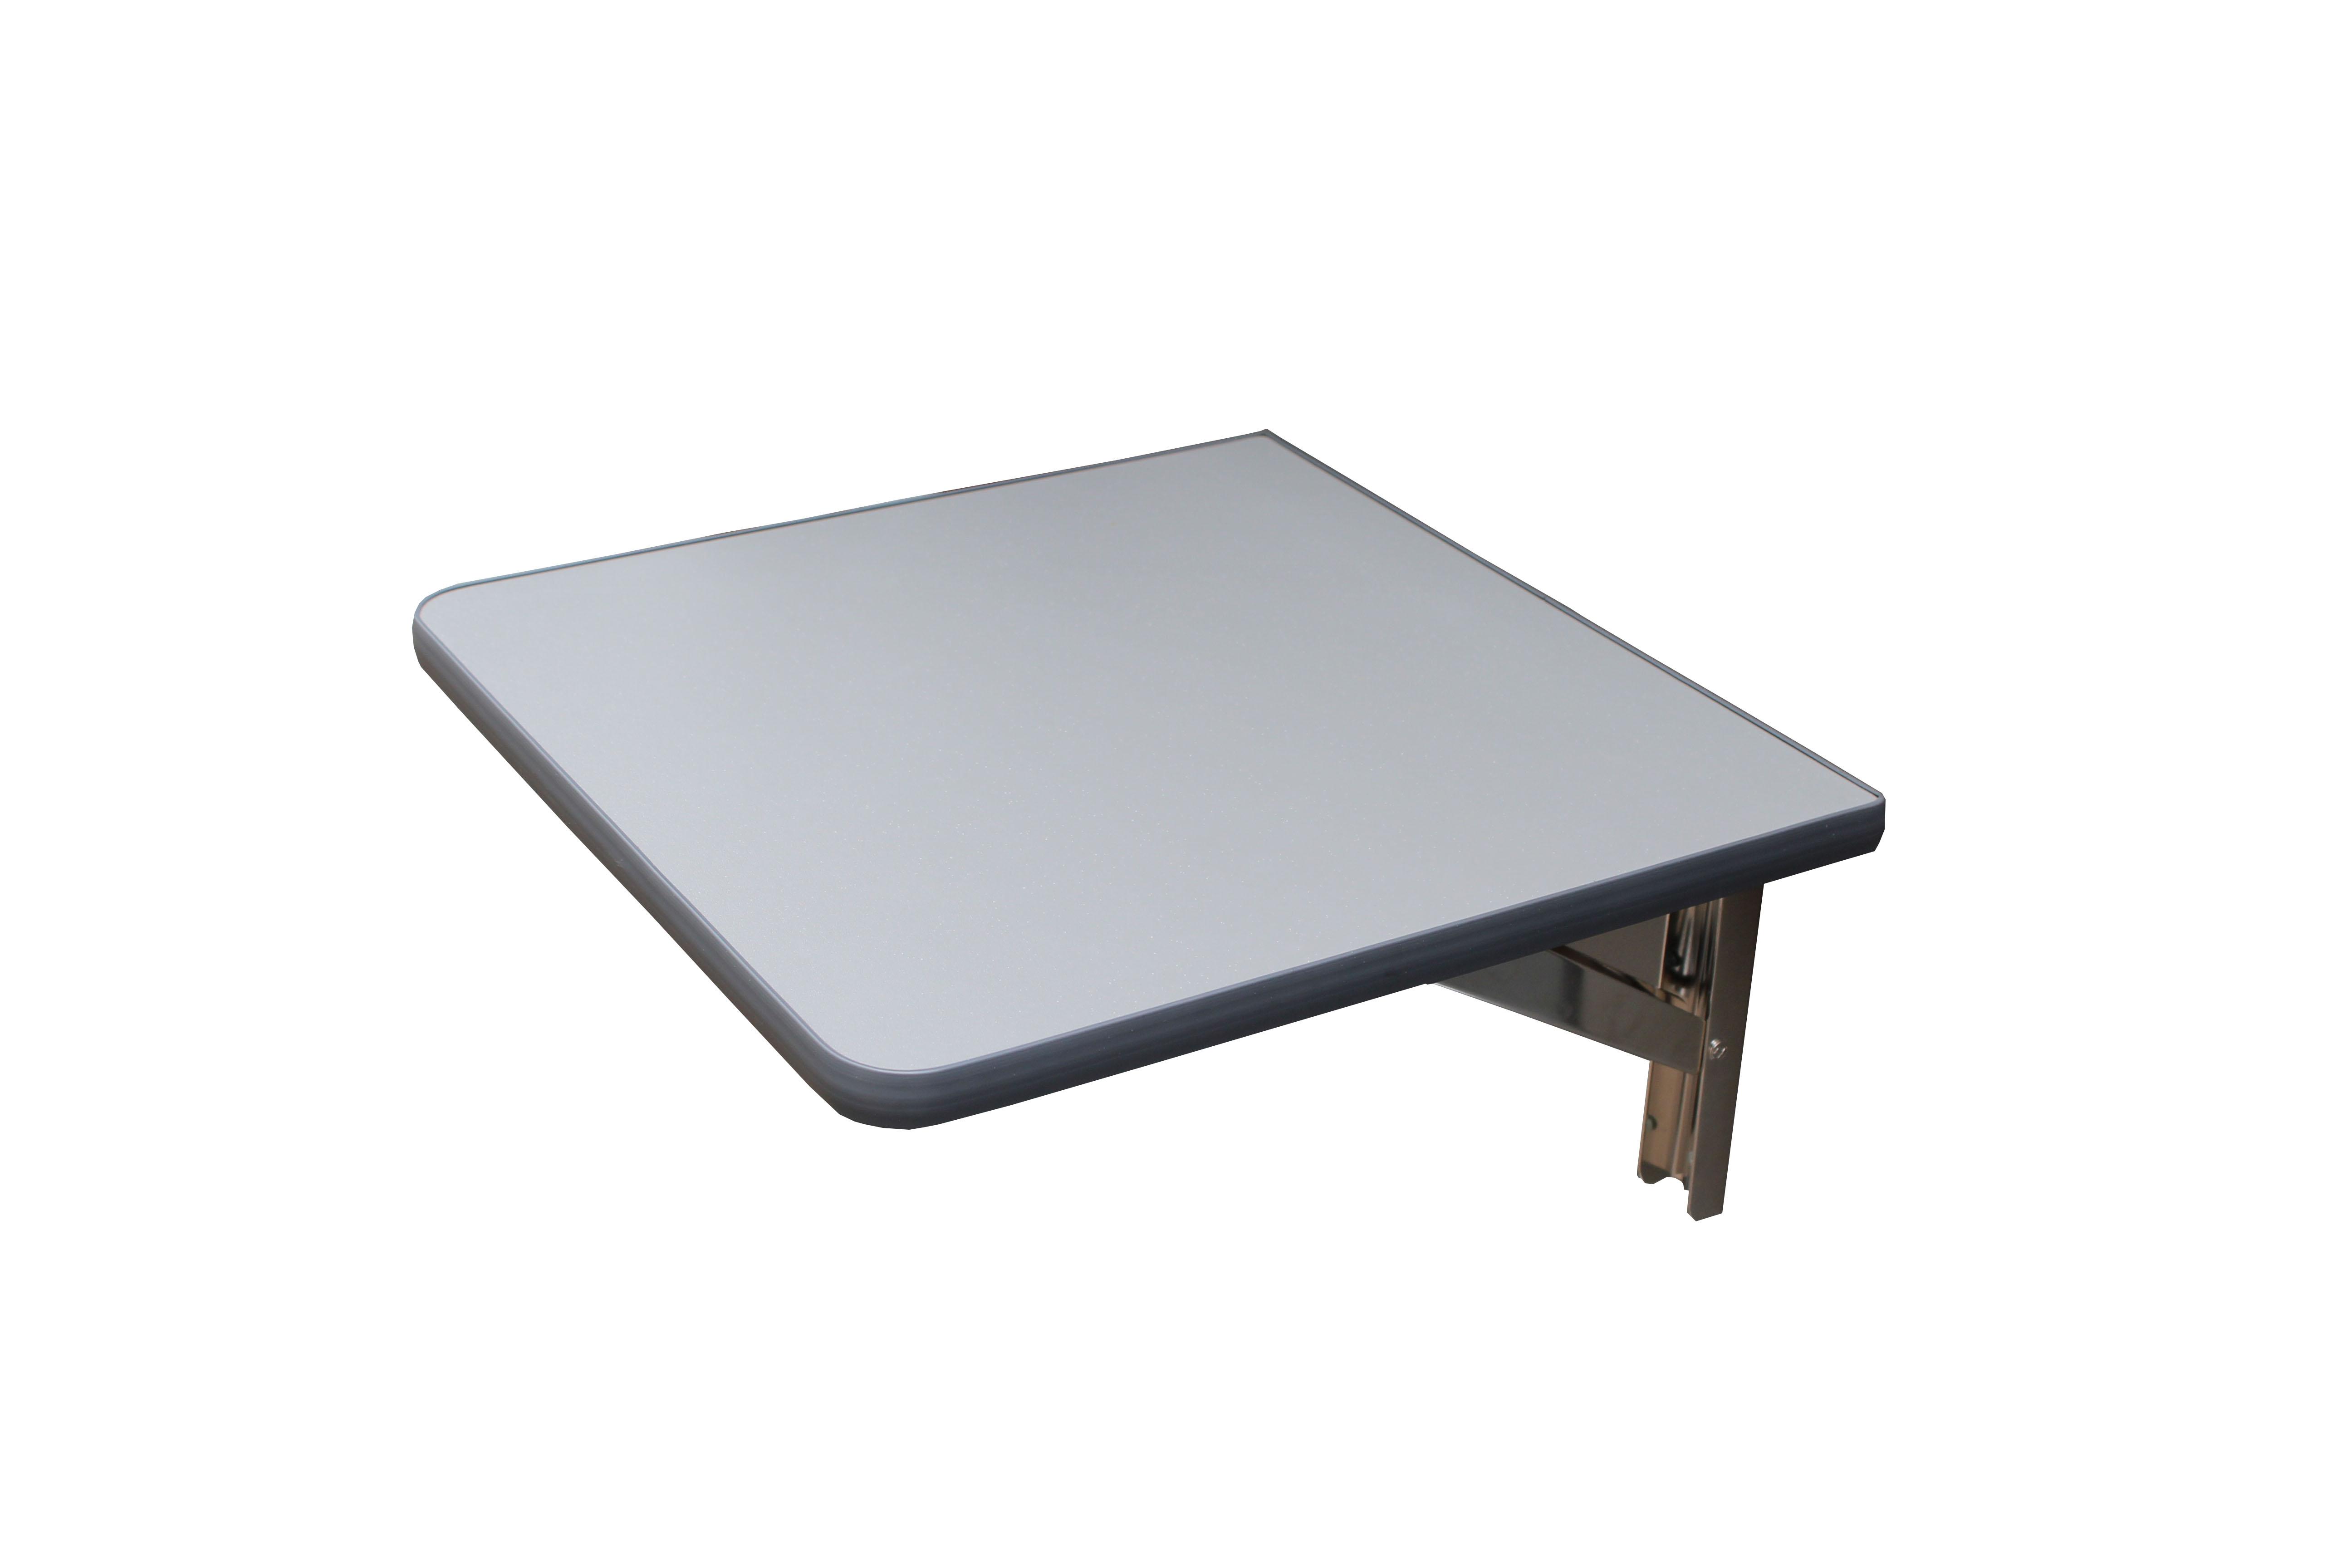 Wandklapptisch mit edelstahl klappenaussteller anthrazit metallic 40x35 cm ebay - Wandklapptisch ebay ...